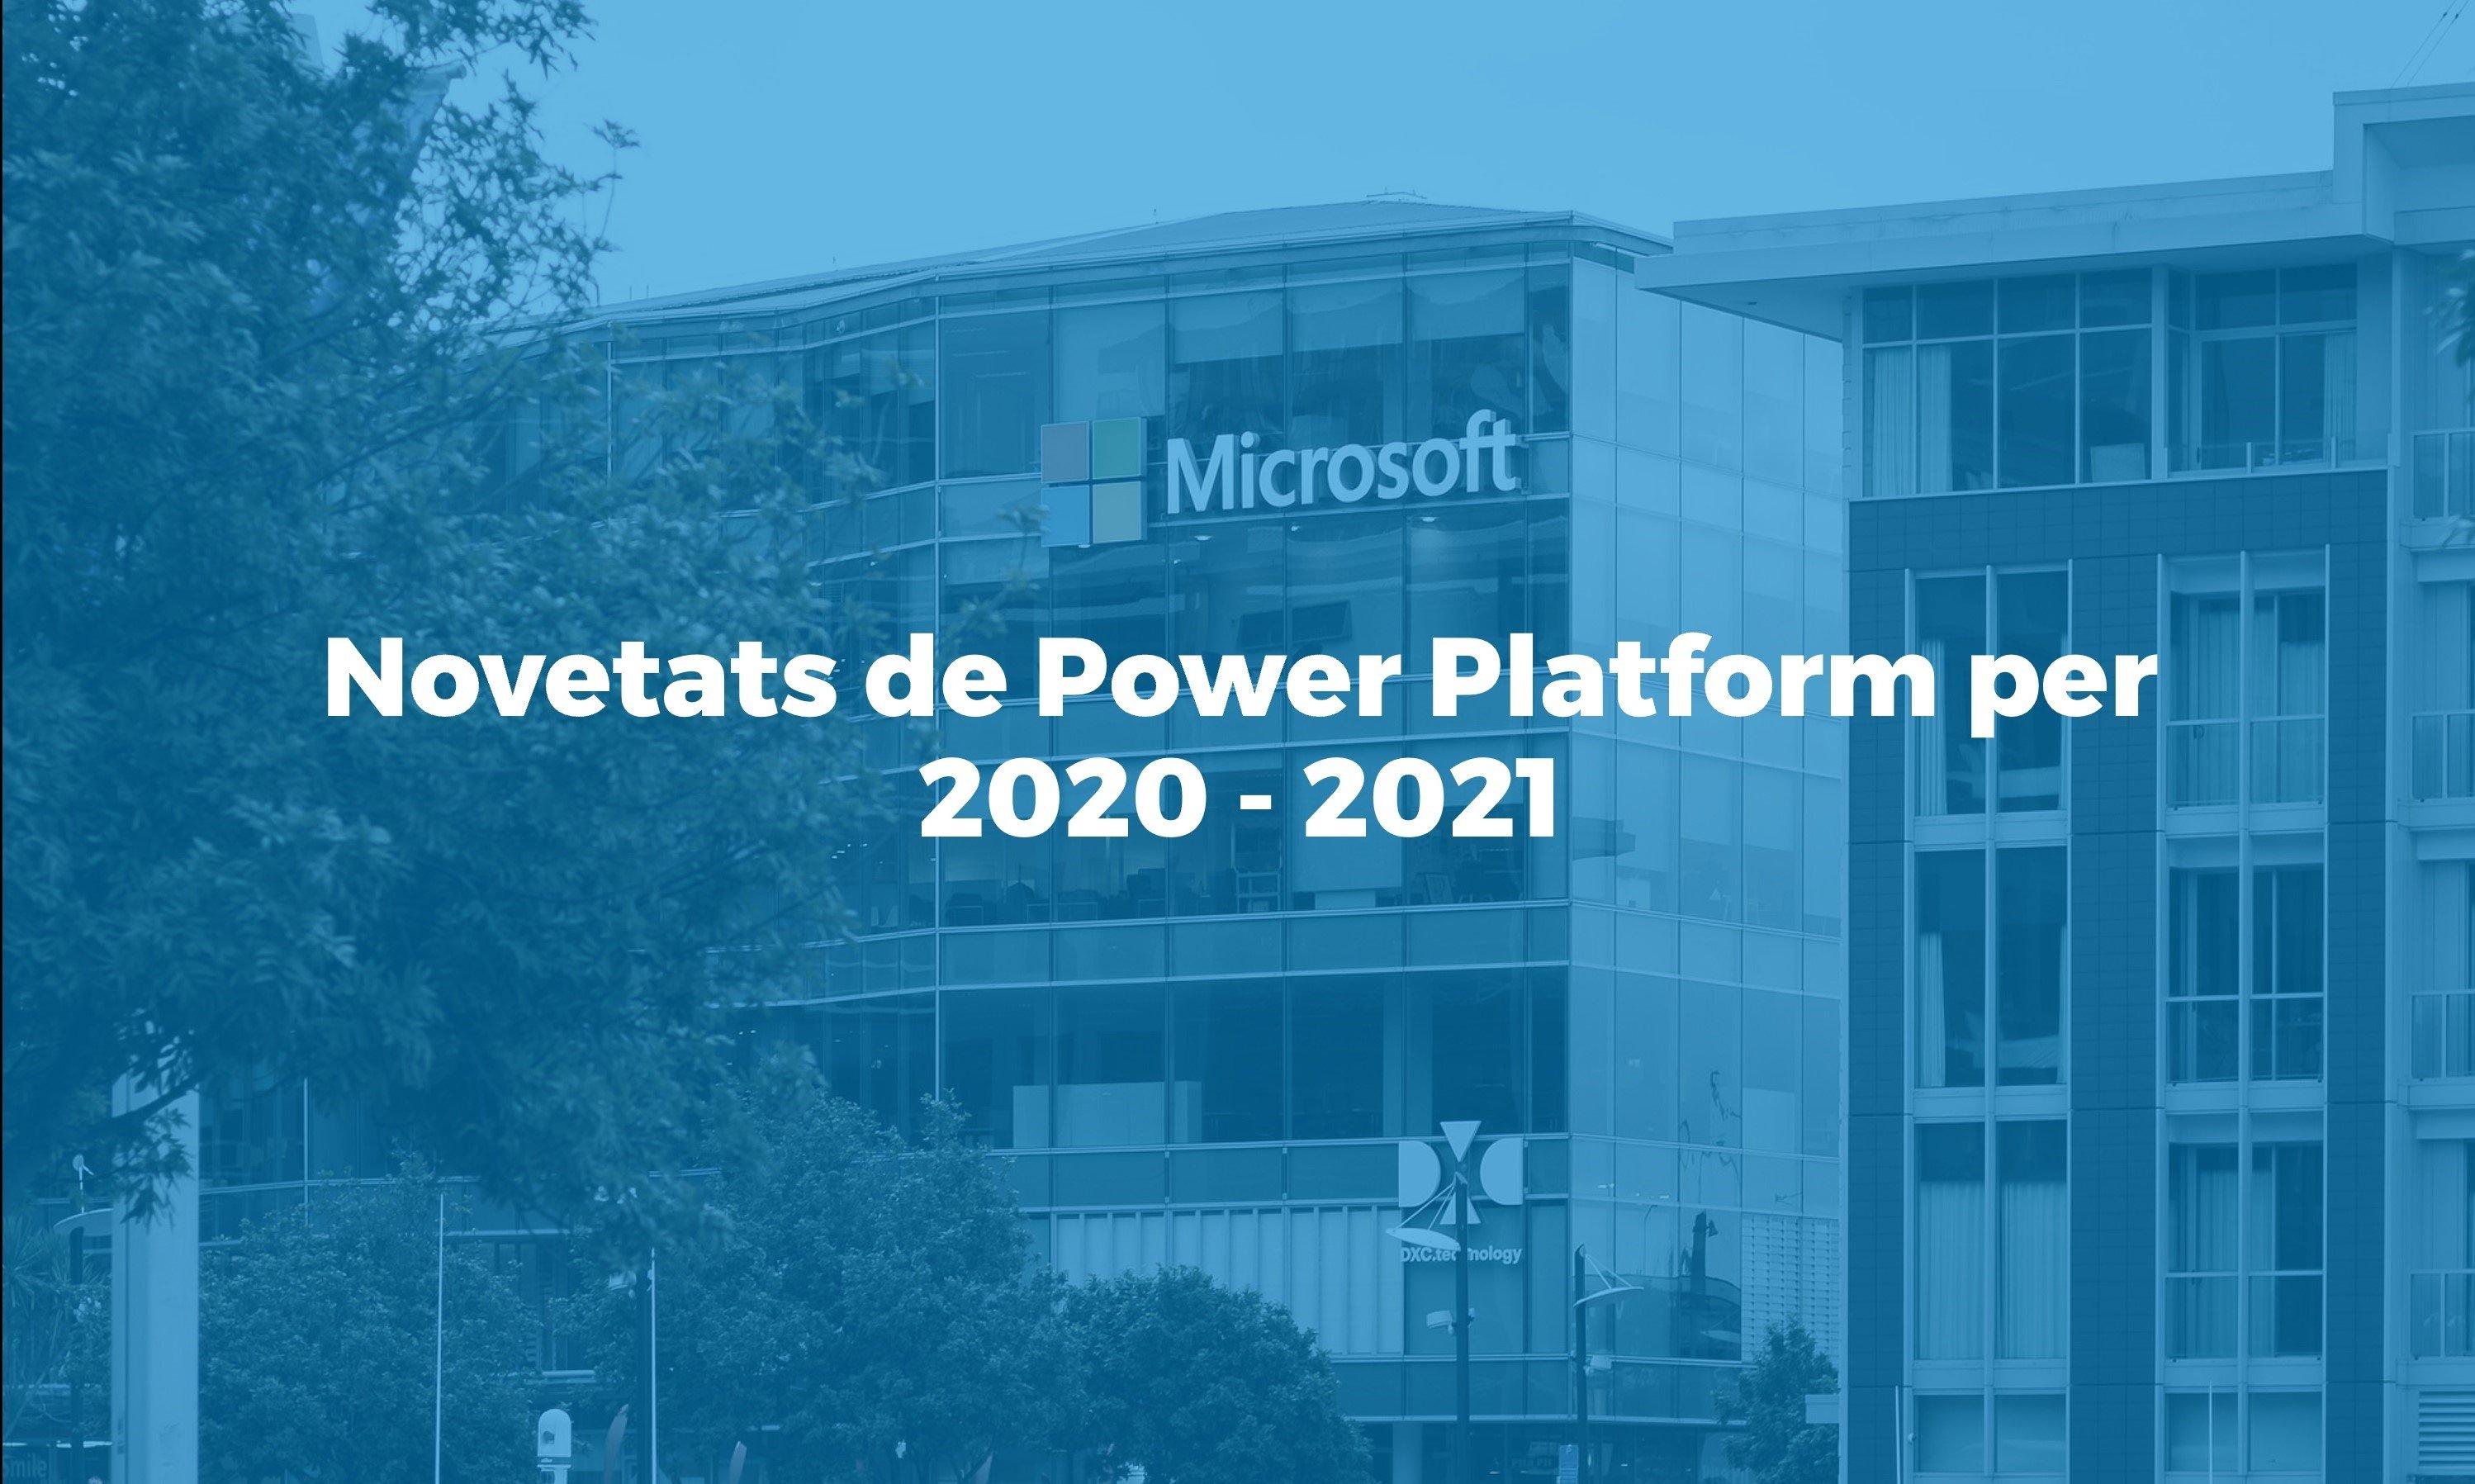 Microsoft anuncia novetats a Power Platform previstes per 2020 2021